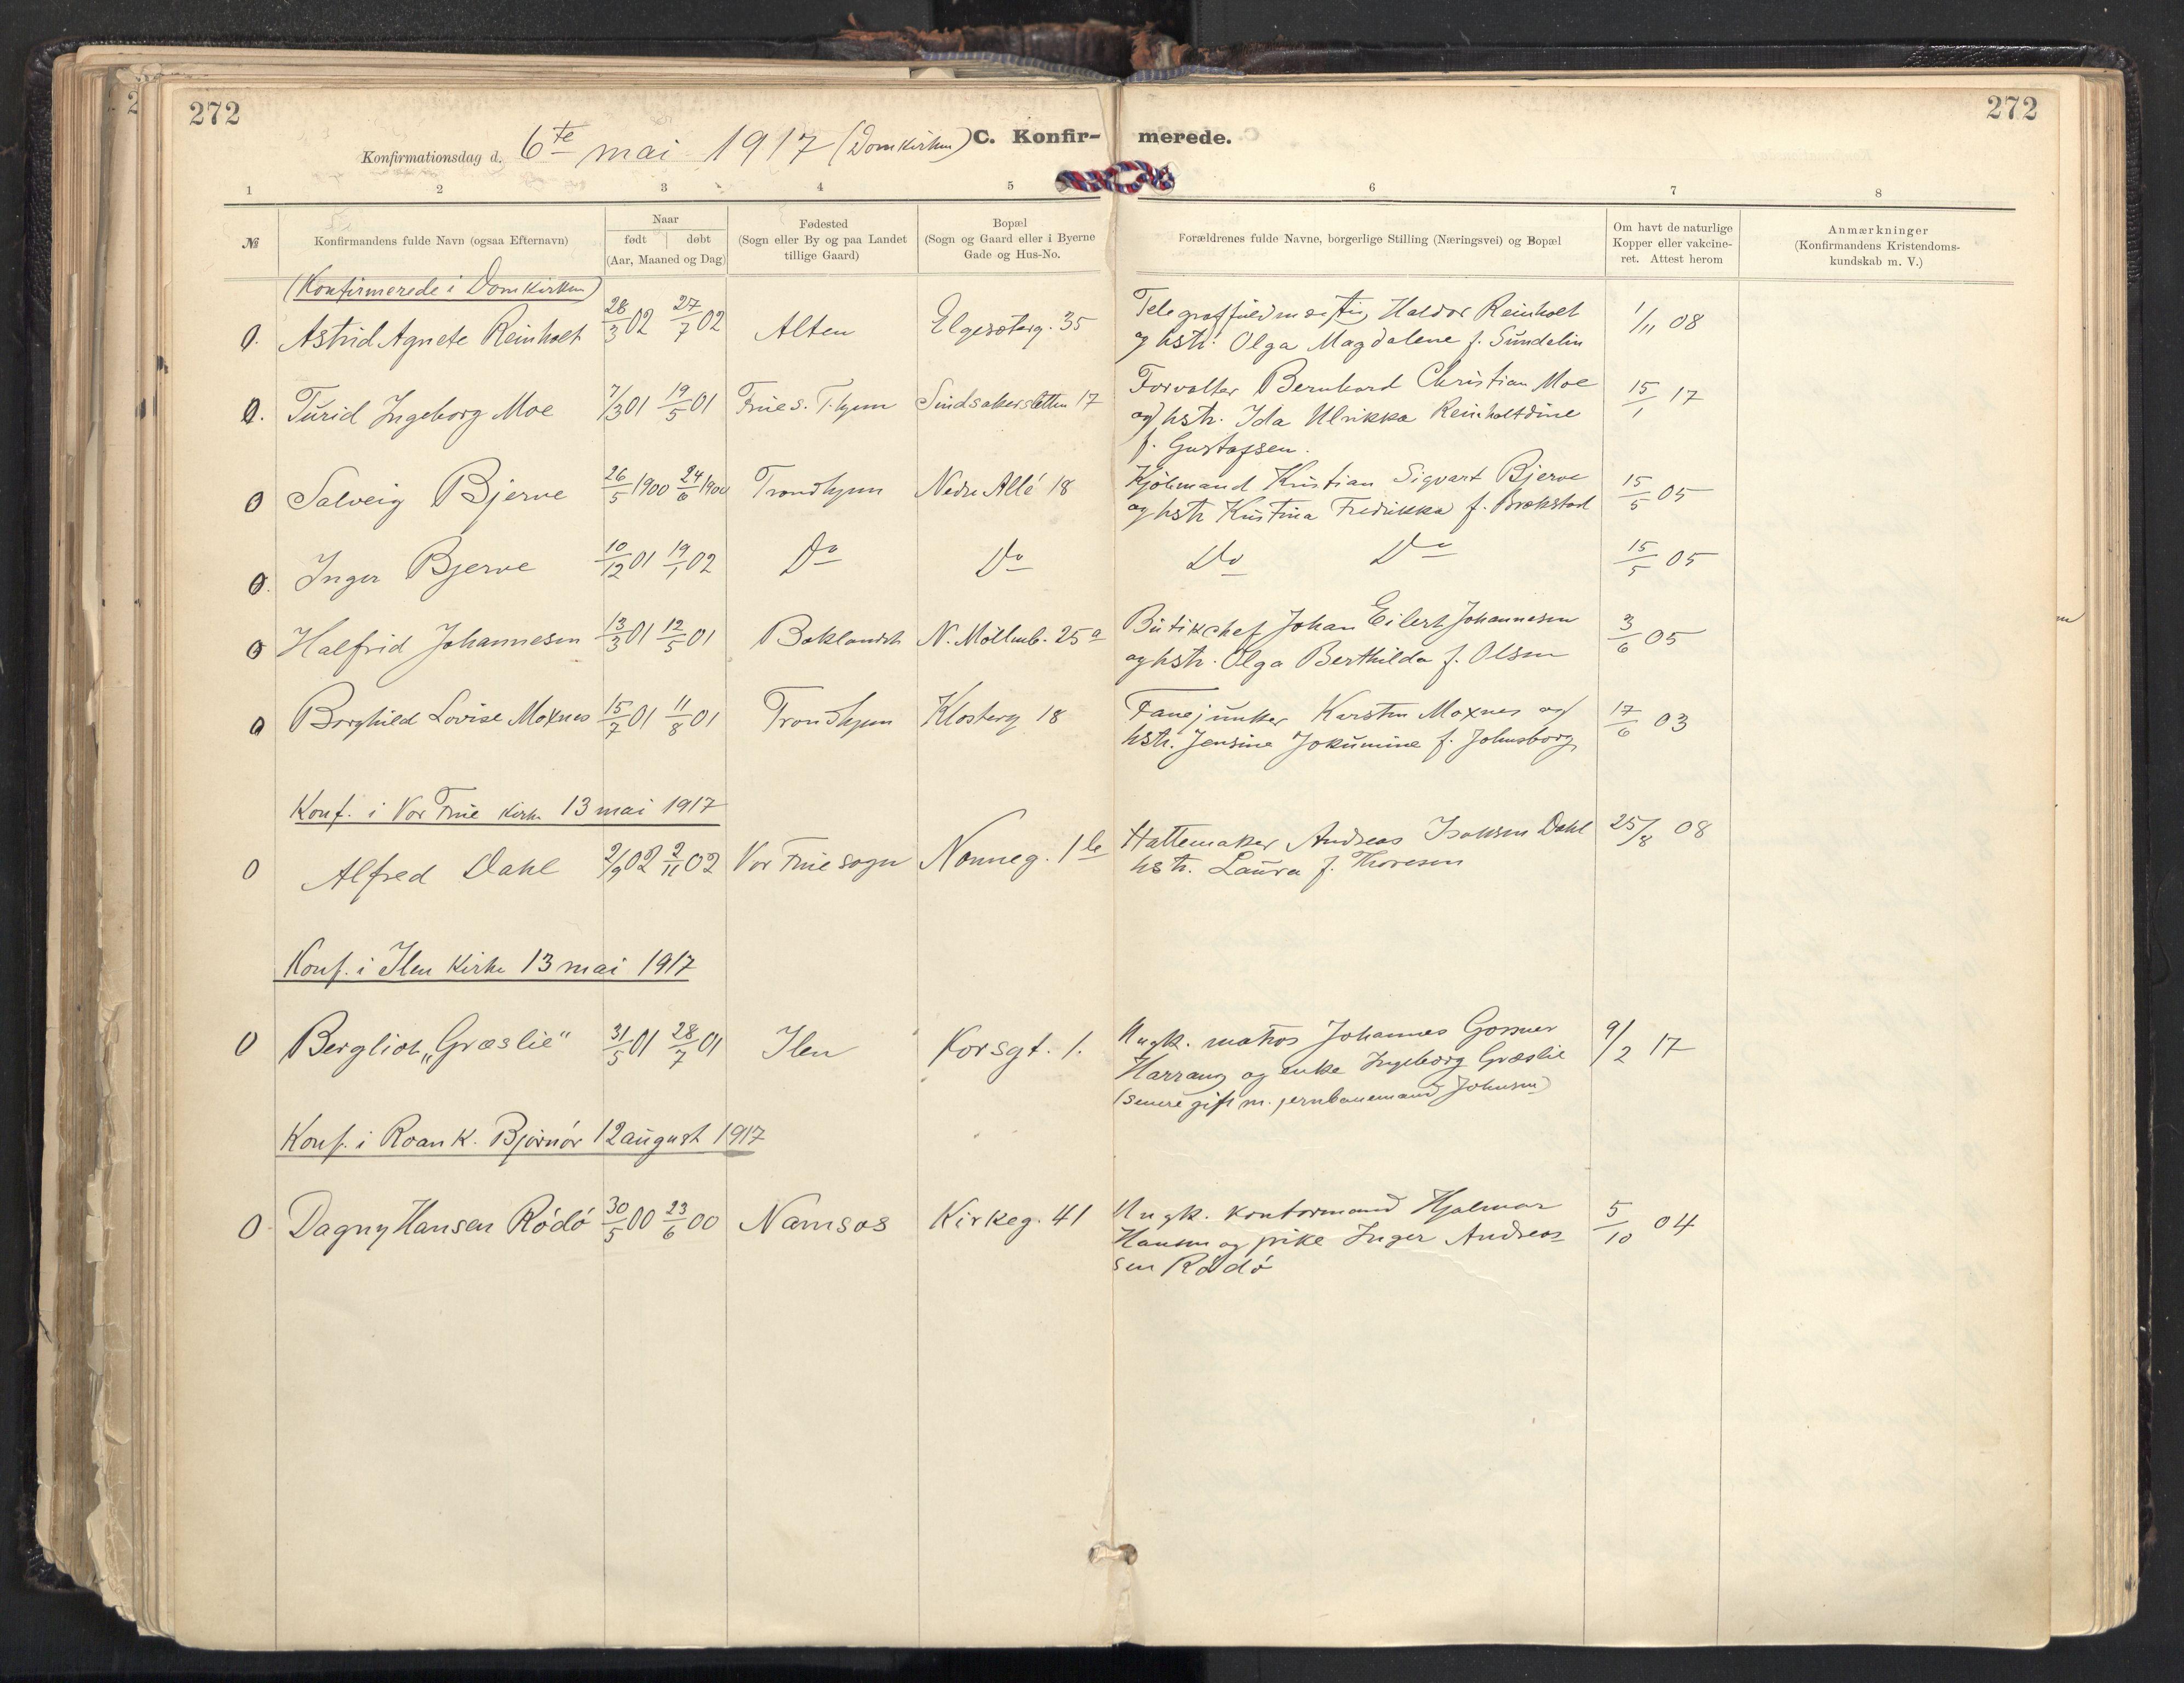 SAT, Ministerialprotokoller, klokkerbøker og fødselsregistre - Sør-Trøndelag, 604/L0205: Ministerialbok nr. 604A25, 1917-1932, s. 272